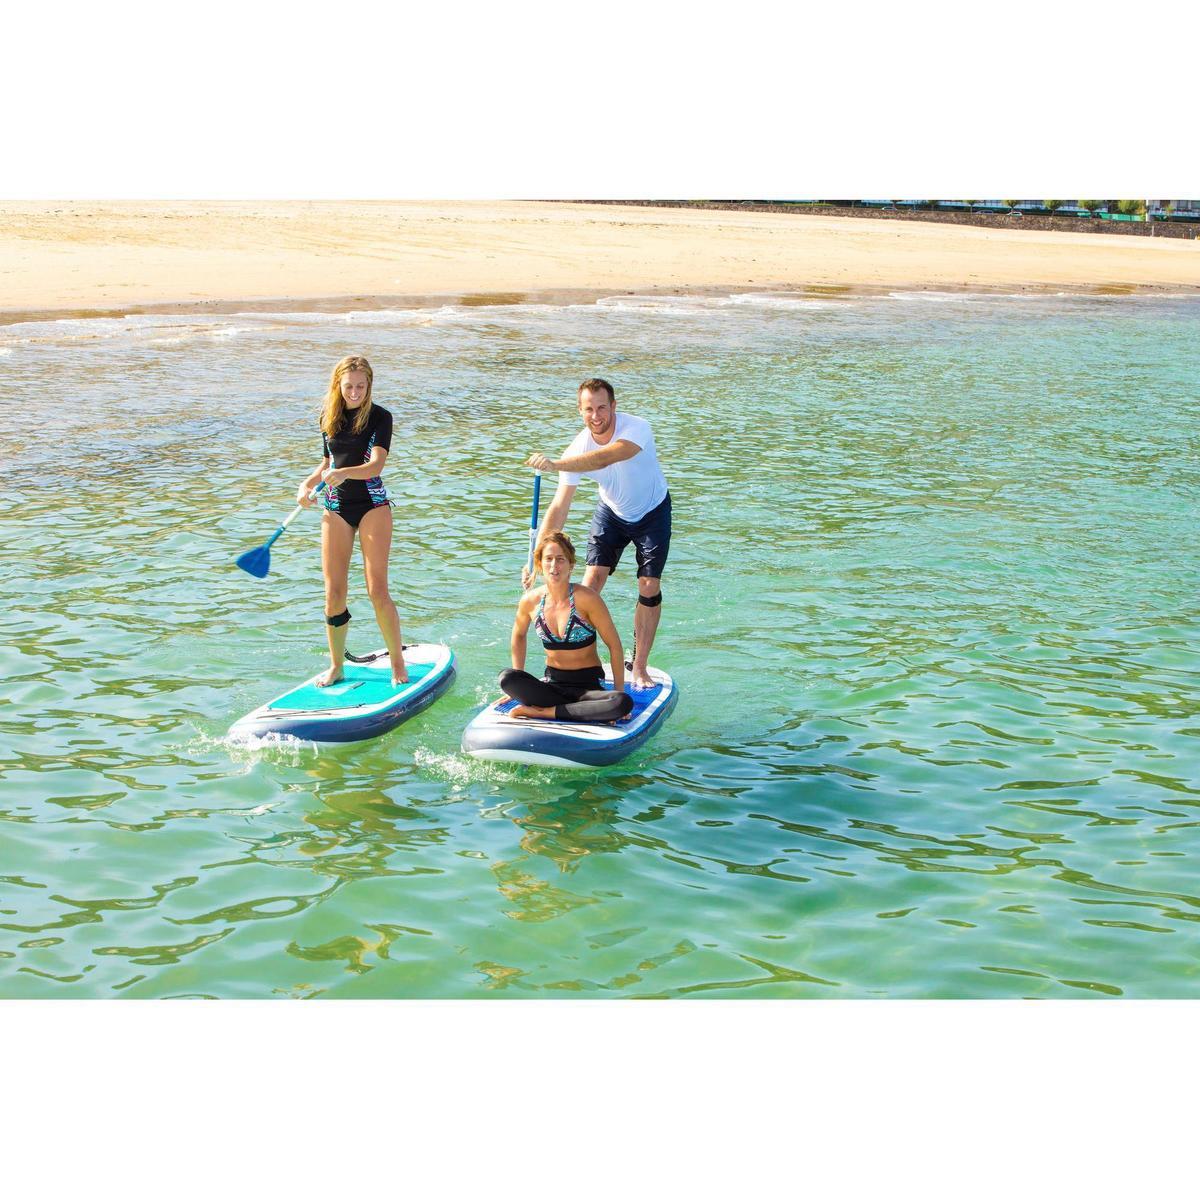 Bild 2 von SUP-Board Stand Up Paddle aufblasbar 100 / 10'7 blau